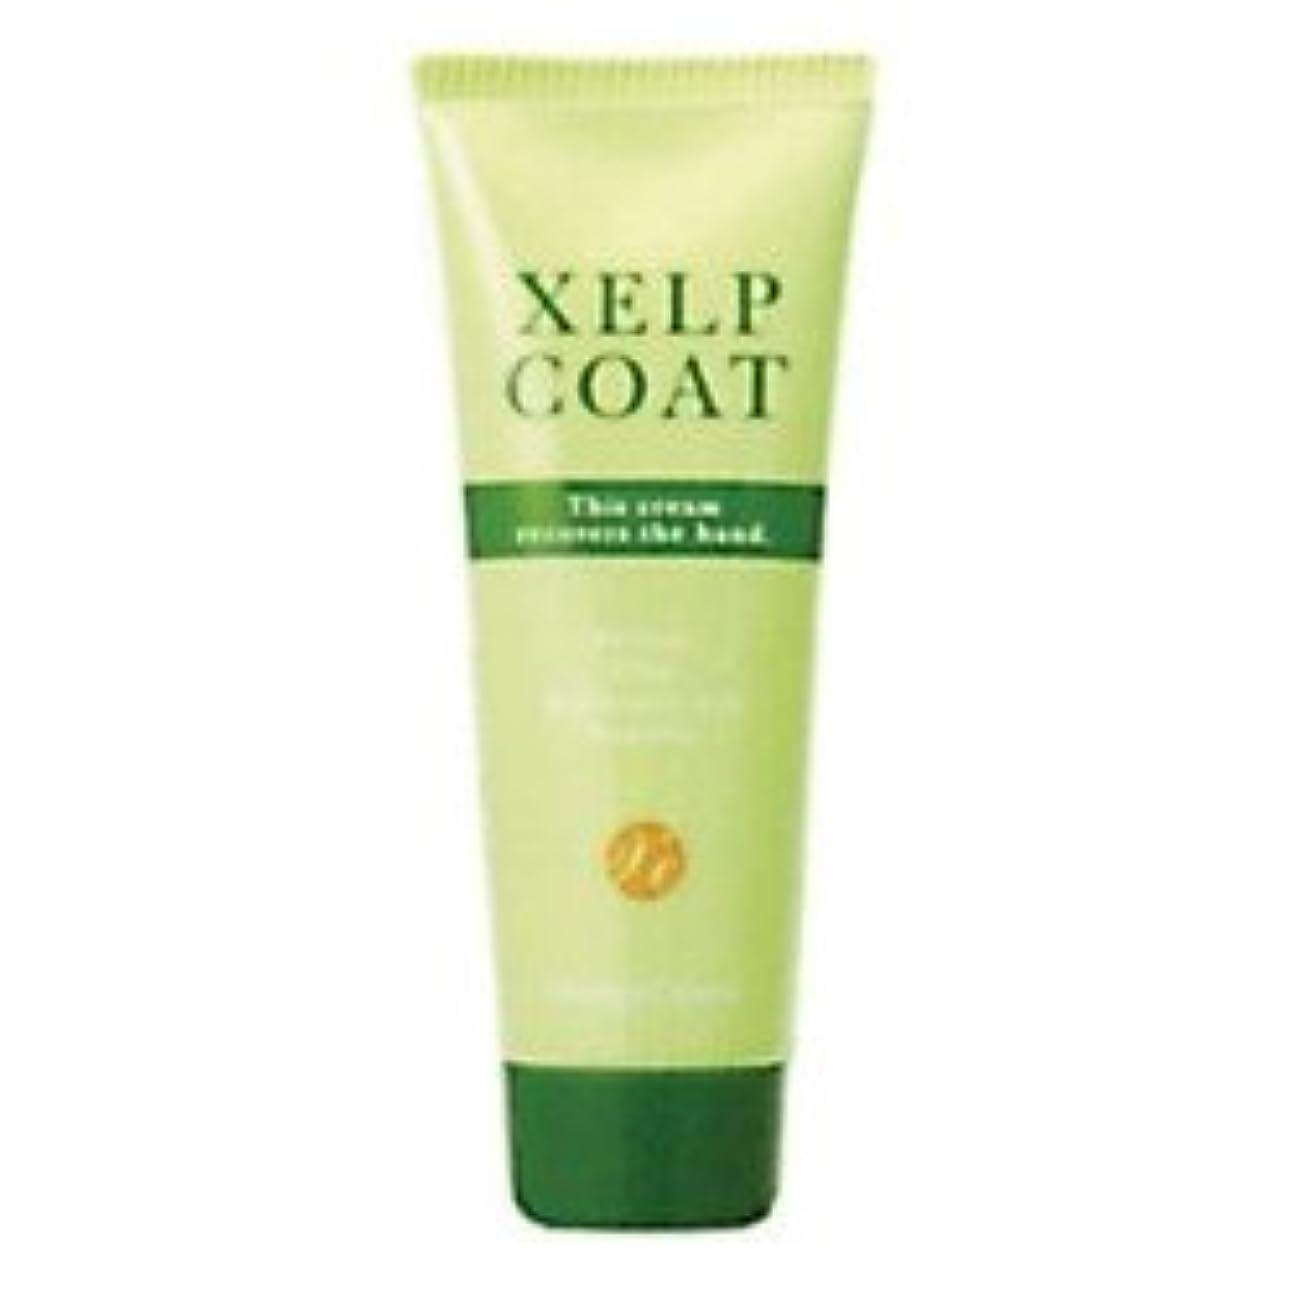 着る拍手暴露するケイルコート 80g XELPCOAT 美容師さんのためのハンドクリーム